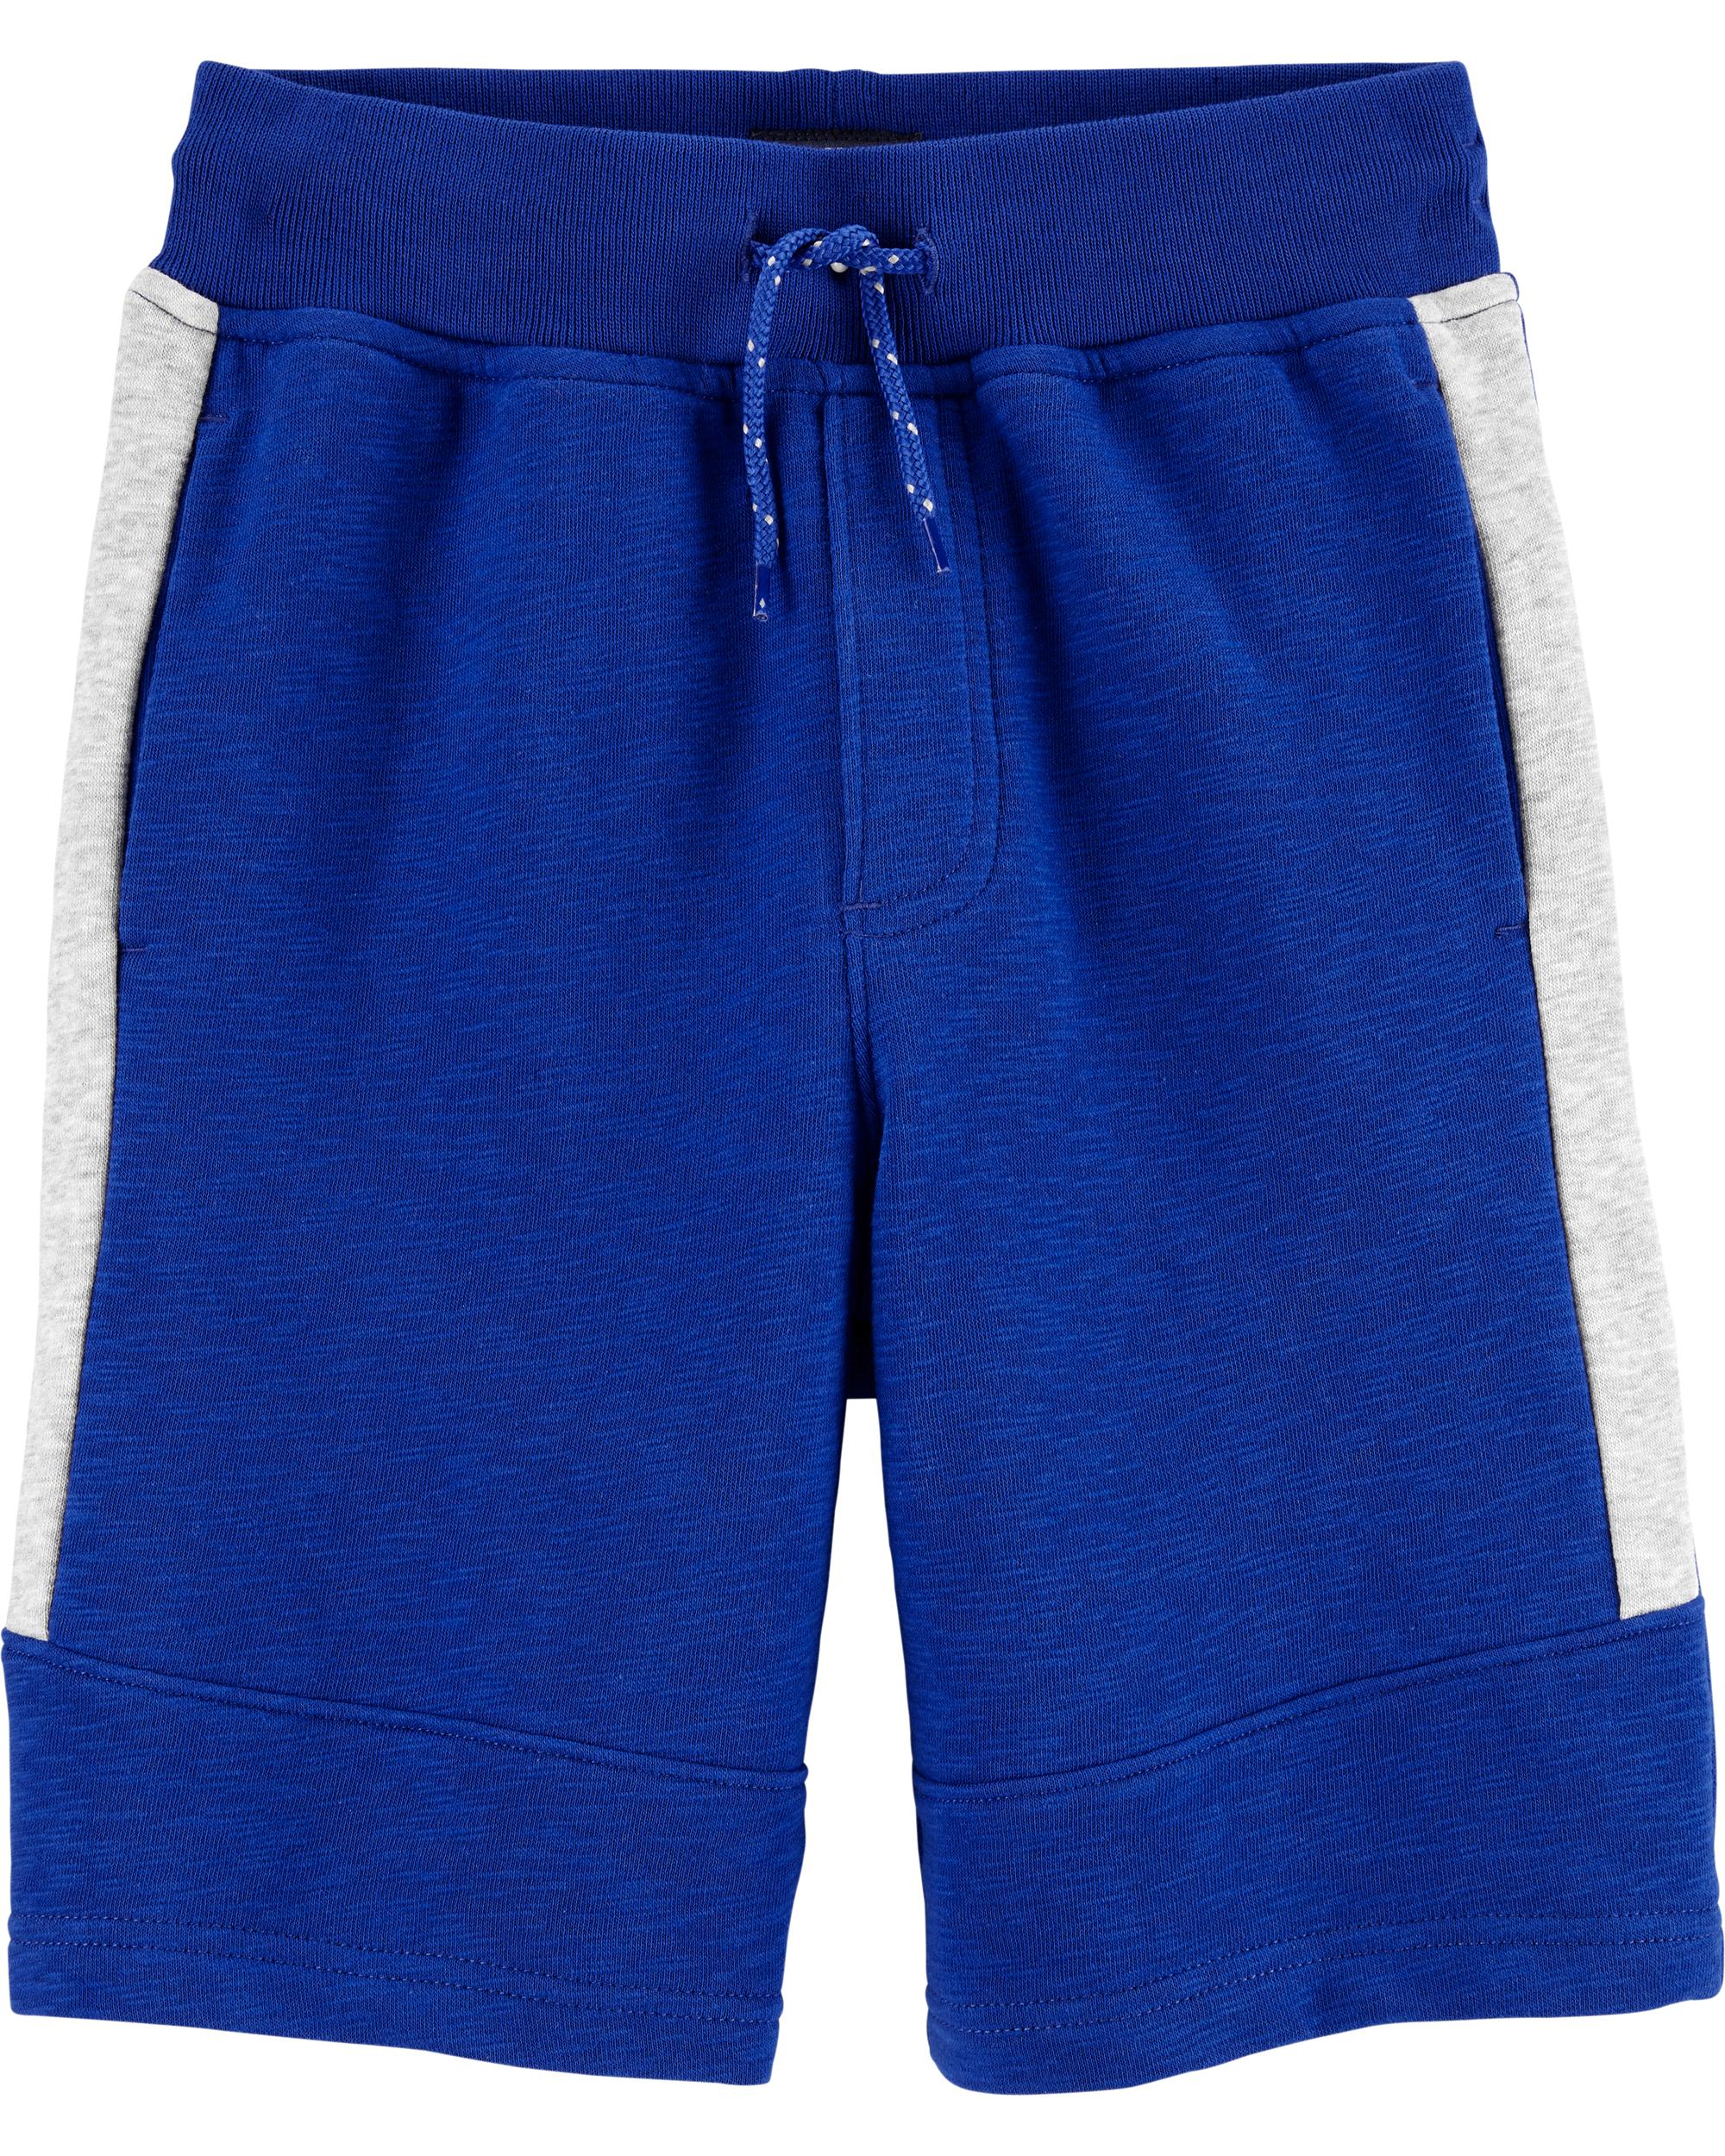 מכנס ספורט כחול פס צד